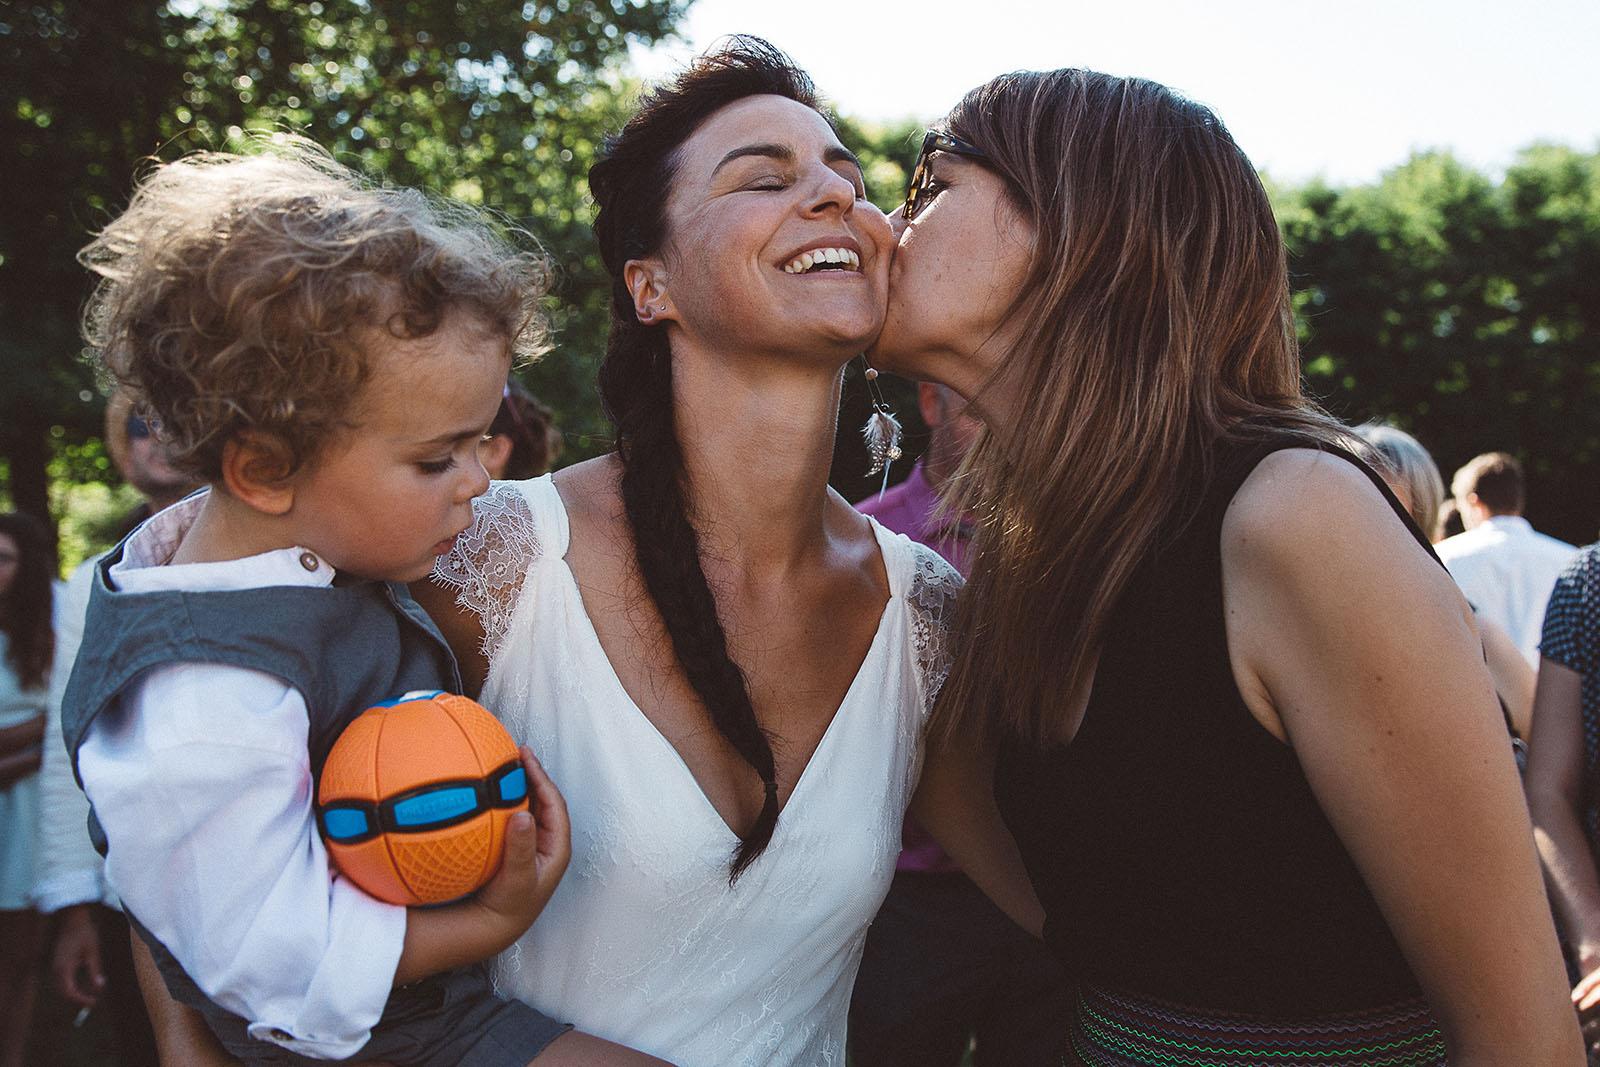 photographe de mariage Saint Etienne émotion joie bonheur